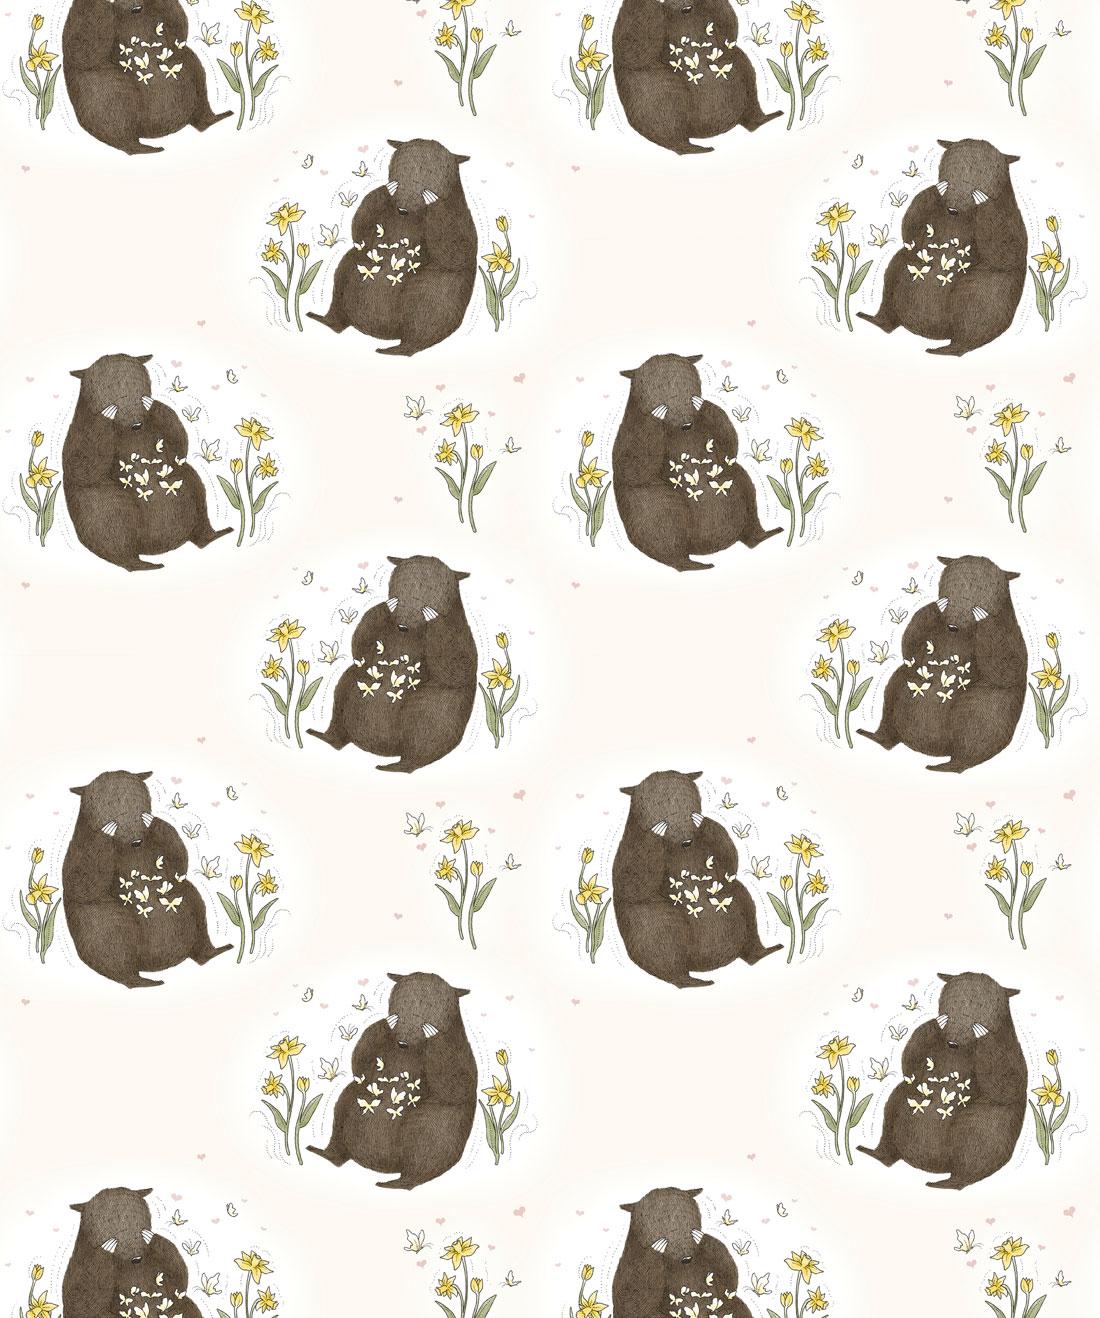 Bear & Butterfly Wallpaper